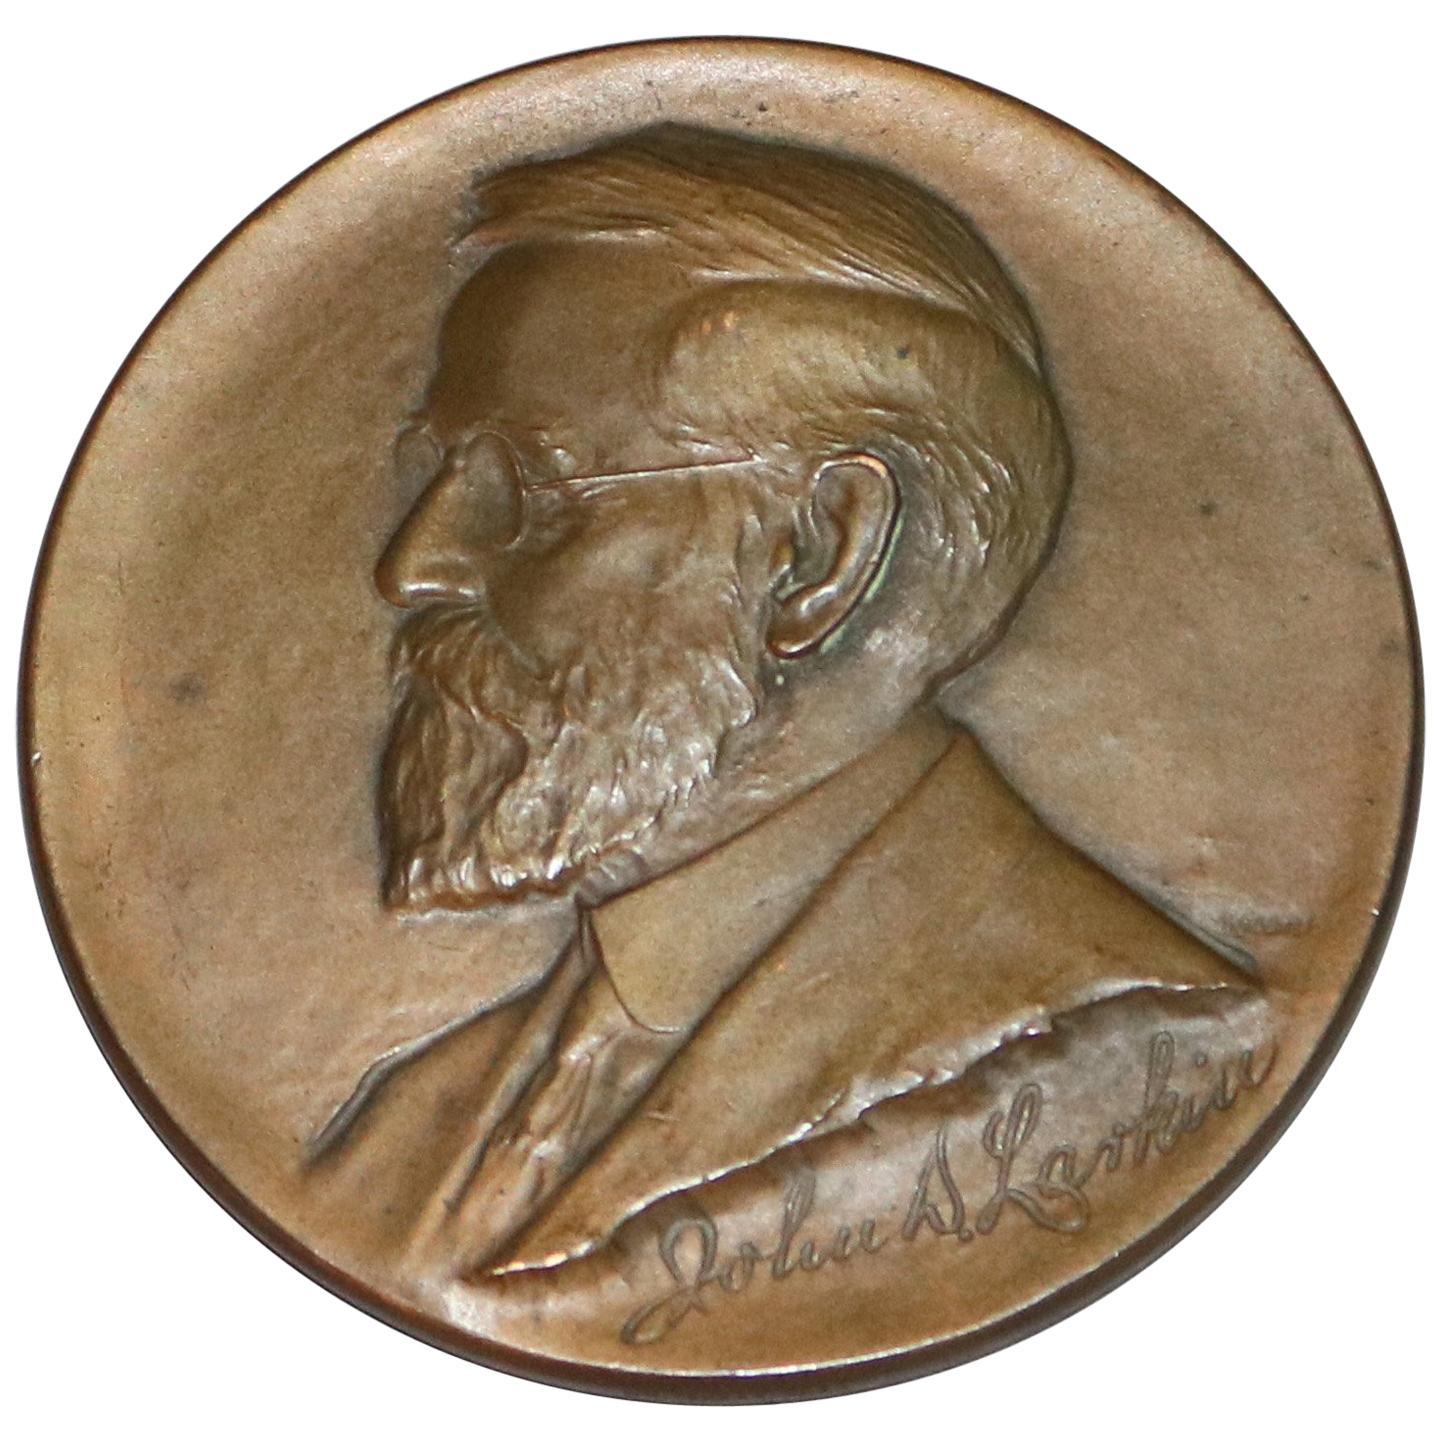 Bronze Commemorative 50th Anniversary John Larkin of Buffalo, NY, circa 1925